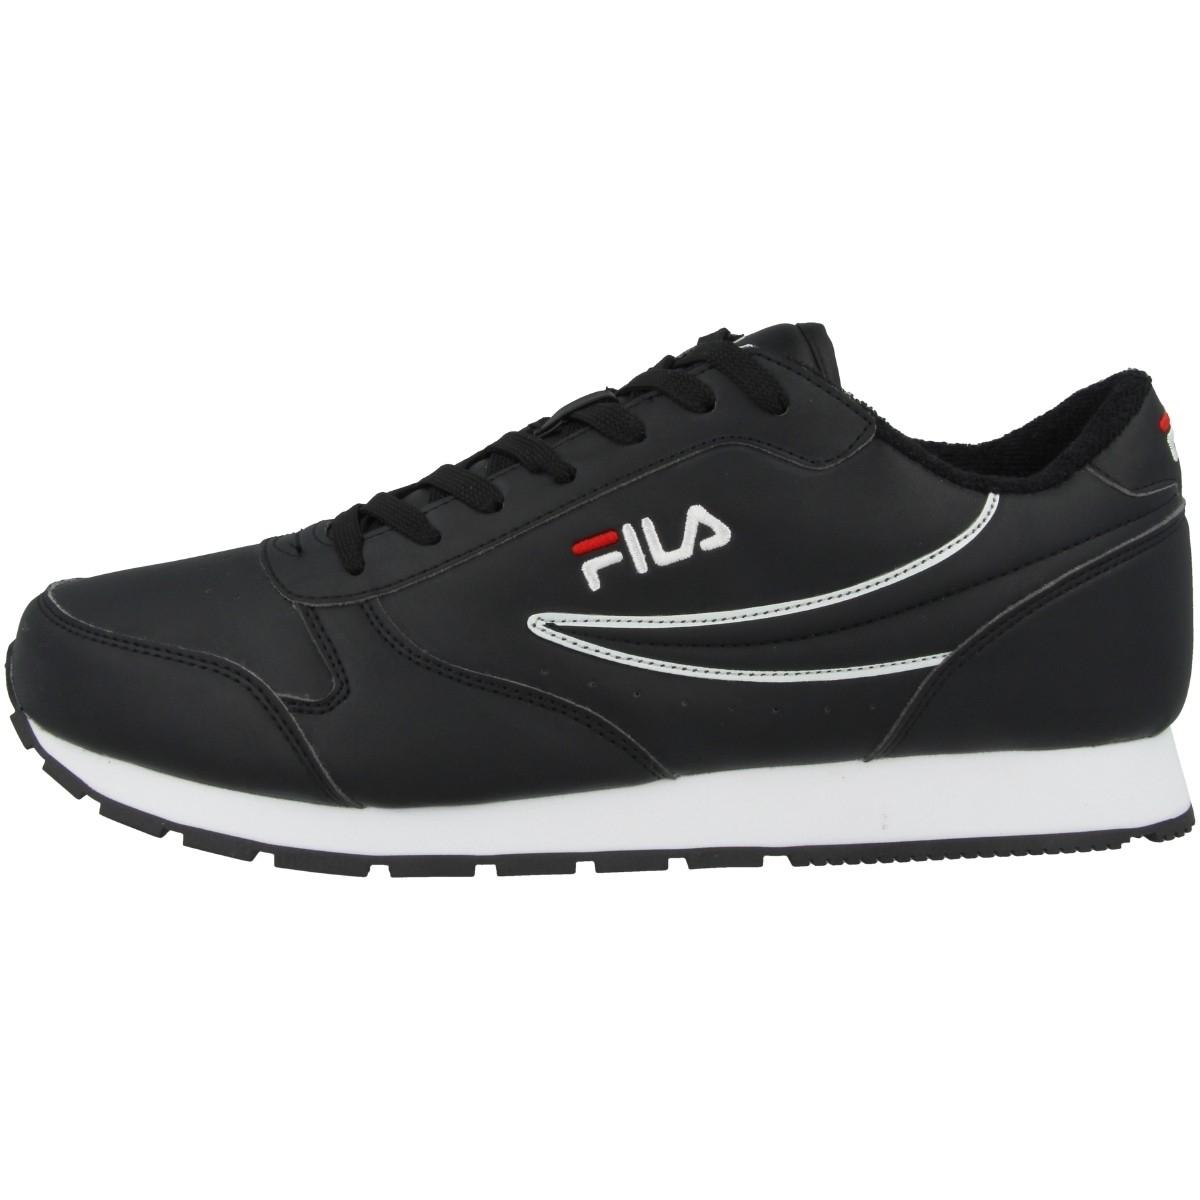 Fila Orbit Sneaker in der Größe 40, 43 und 44 Herren Sportschuhe